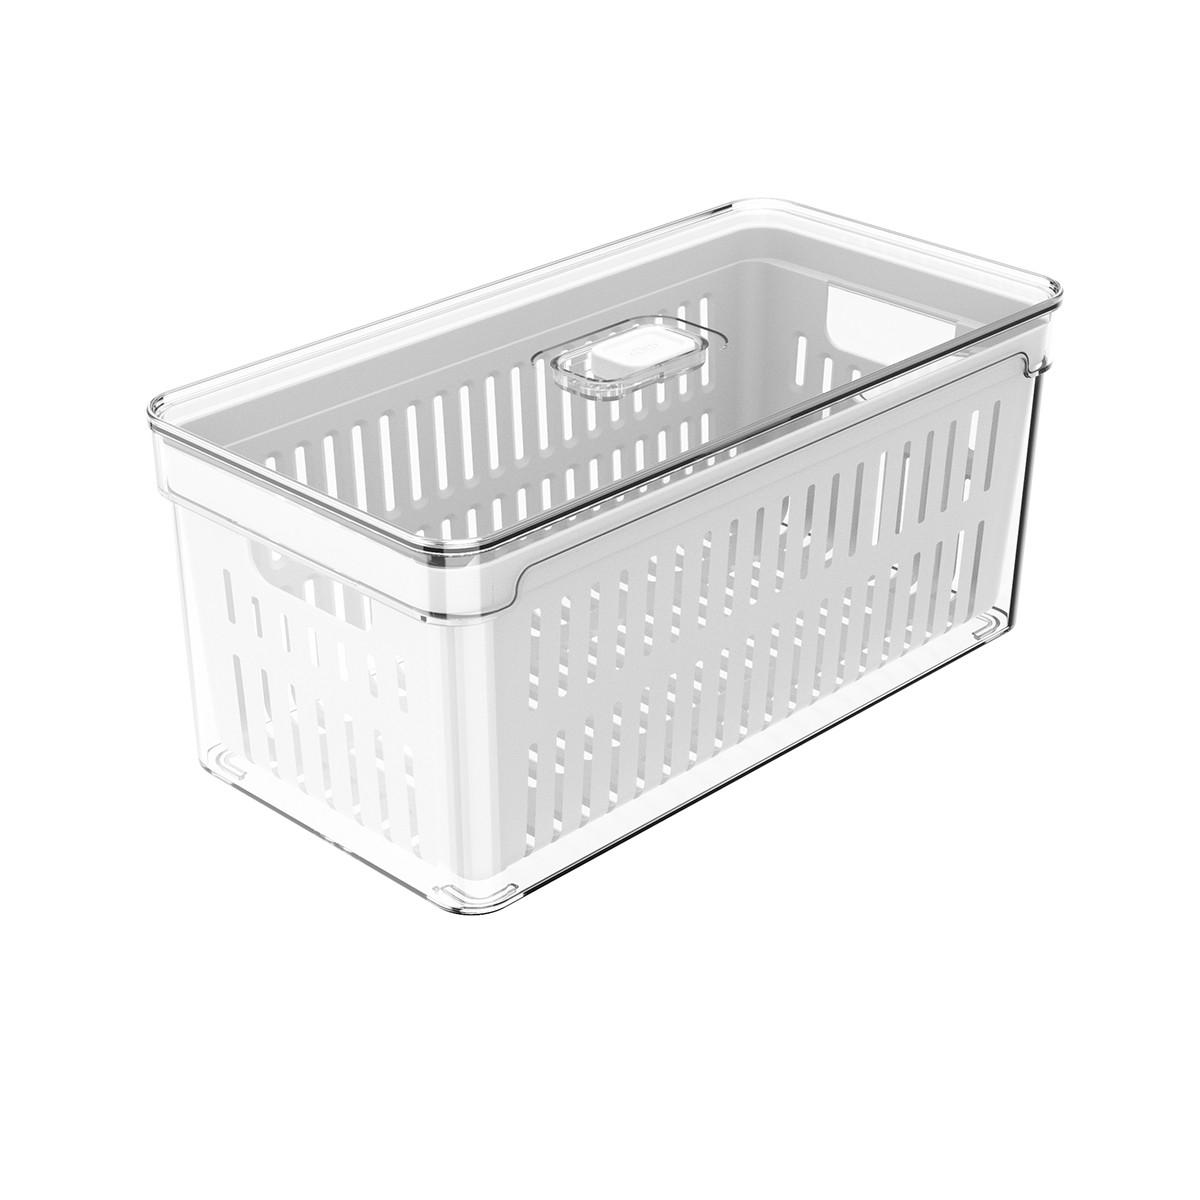 Organizador Clear com Cesto 30x15x13 cm Transparente - Ou